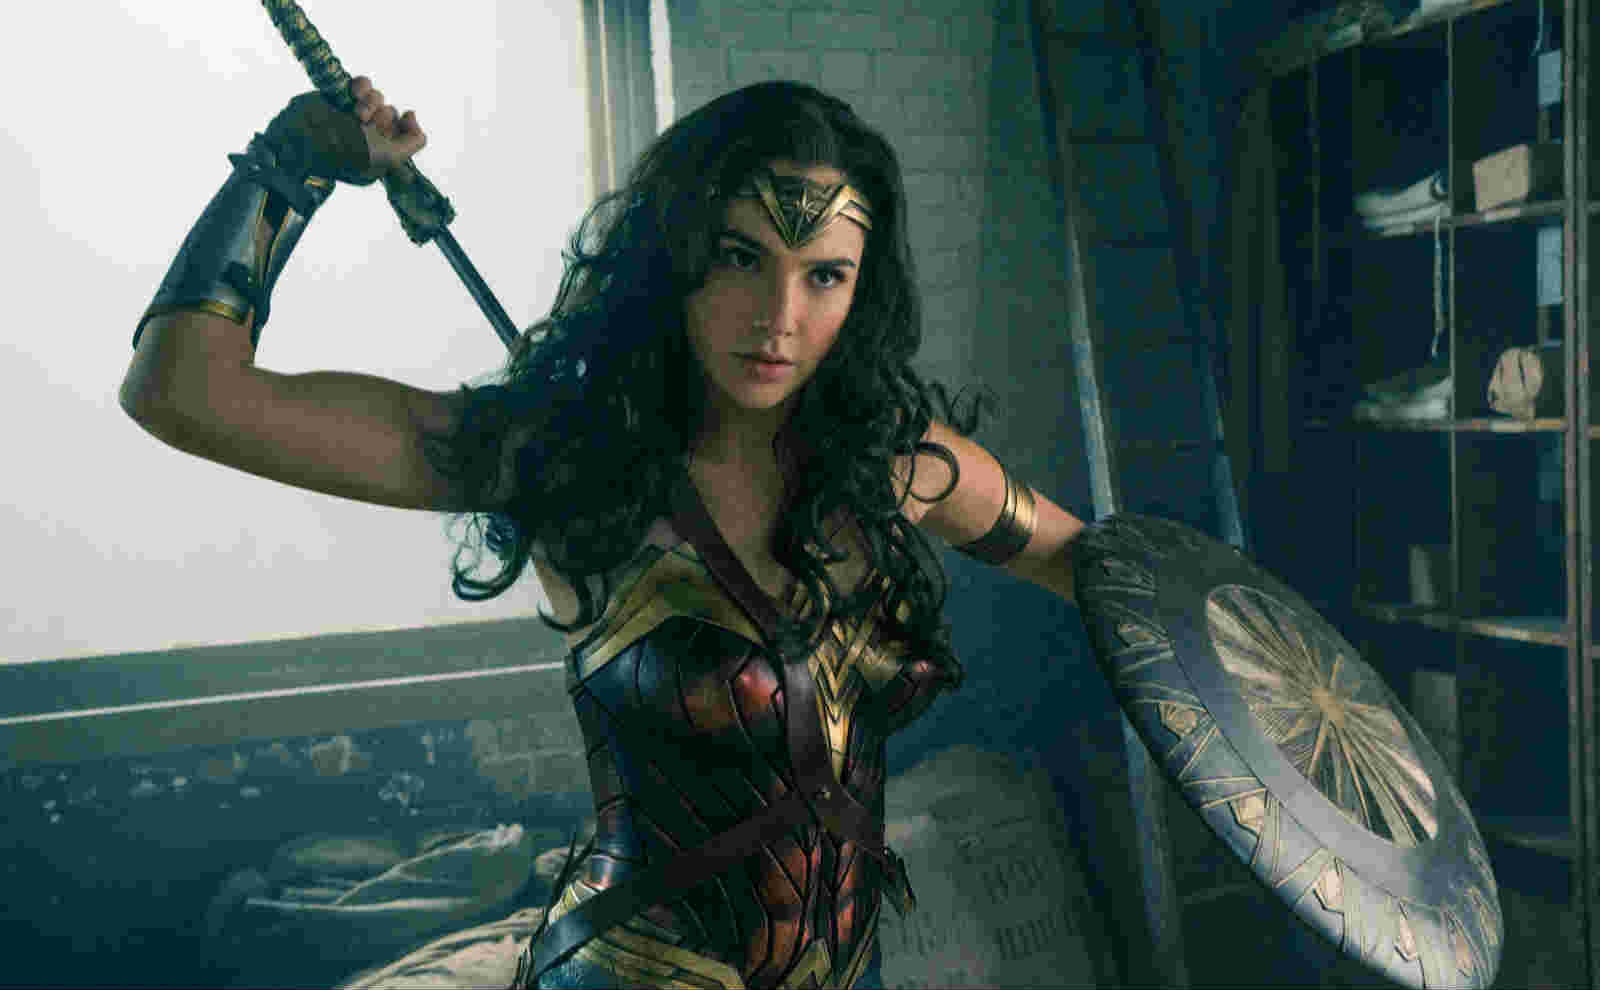 《神奇女侠》:DC电影中最好的一部?媒体看片后评价很高